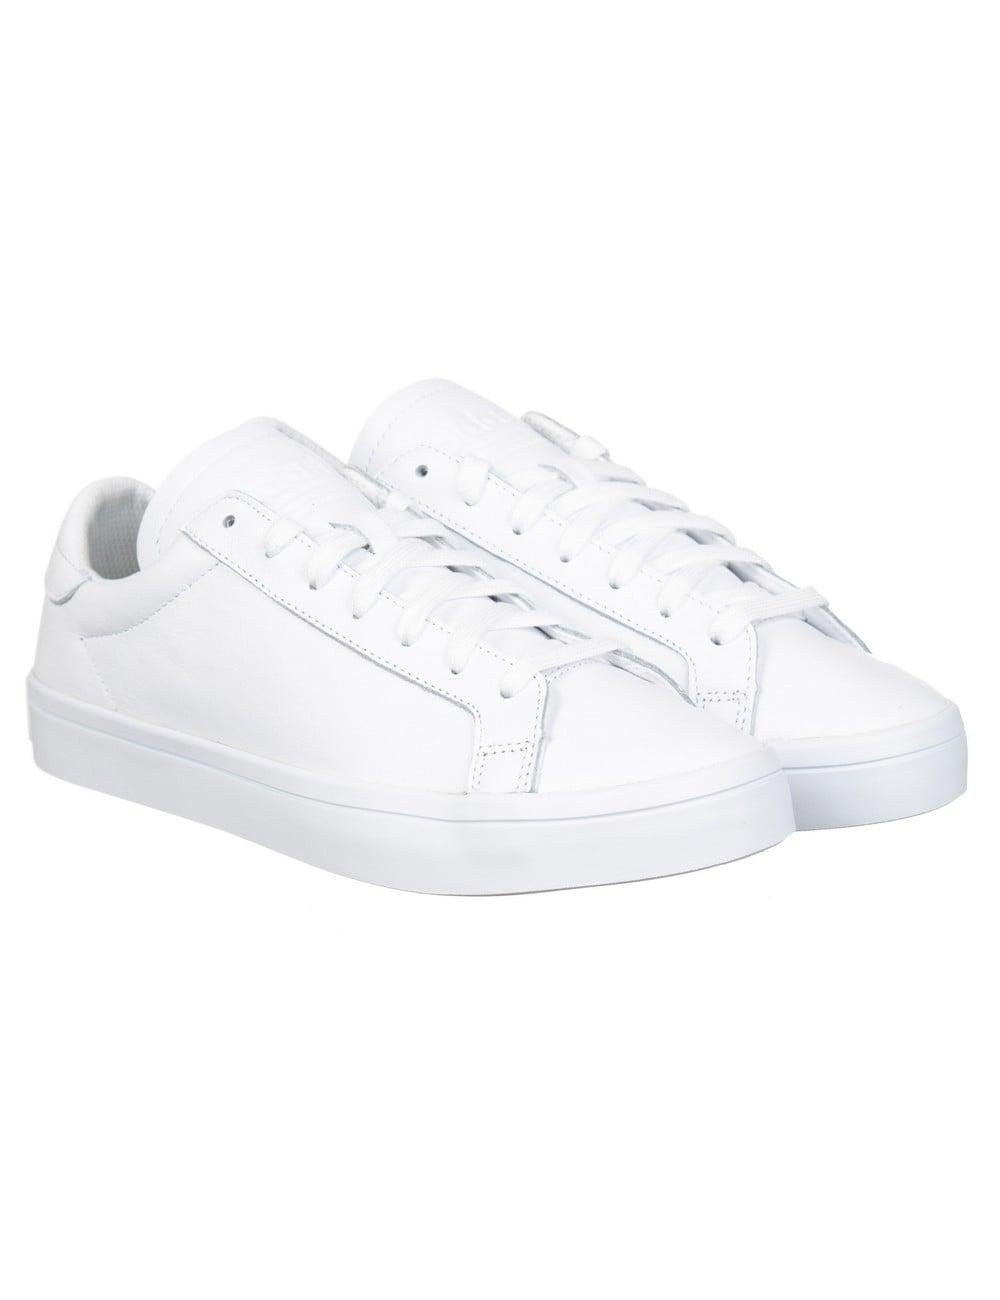 Court Vantage Shoes - White/White